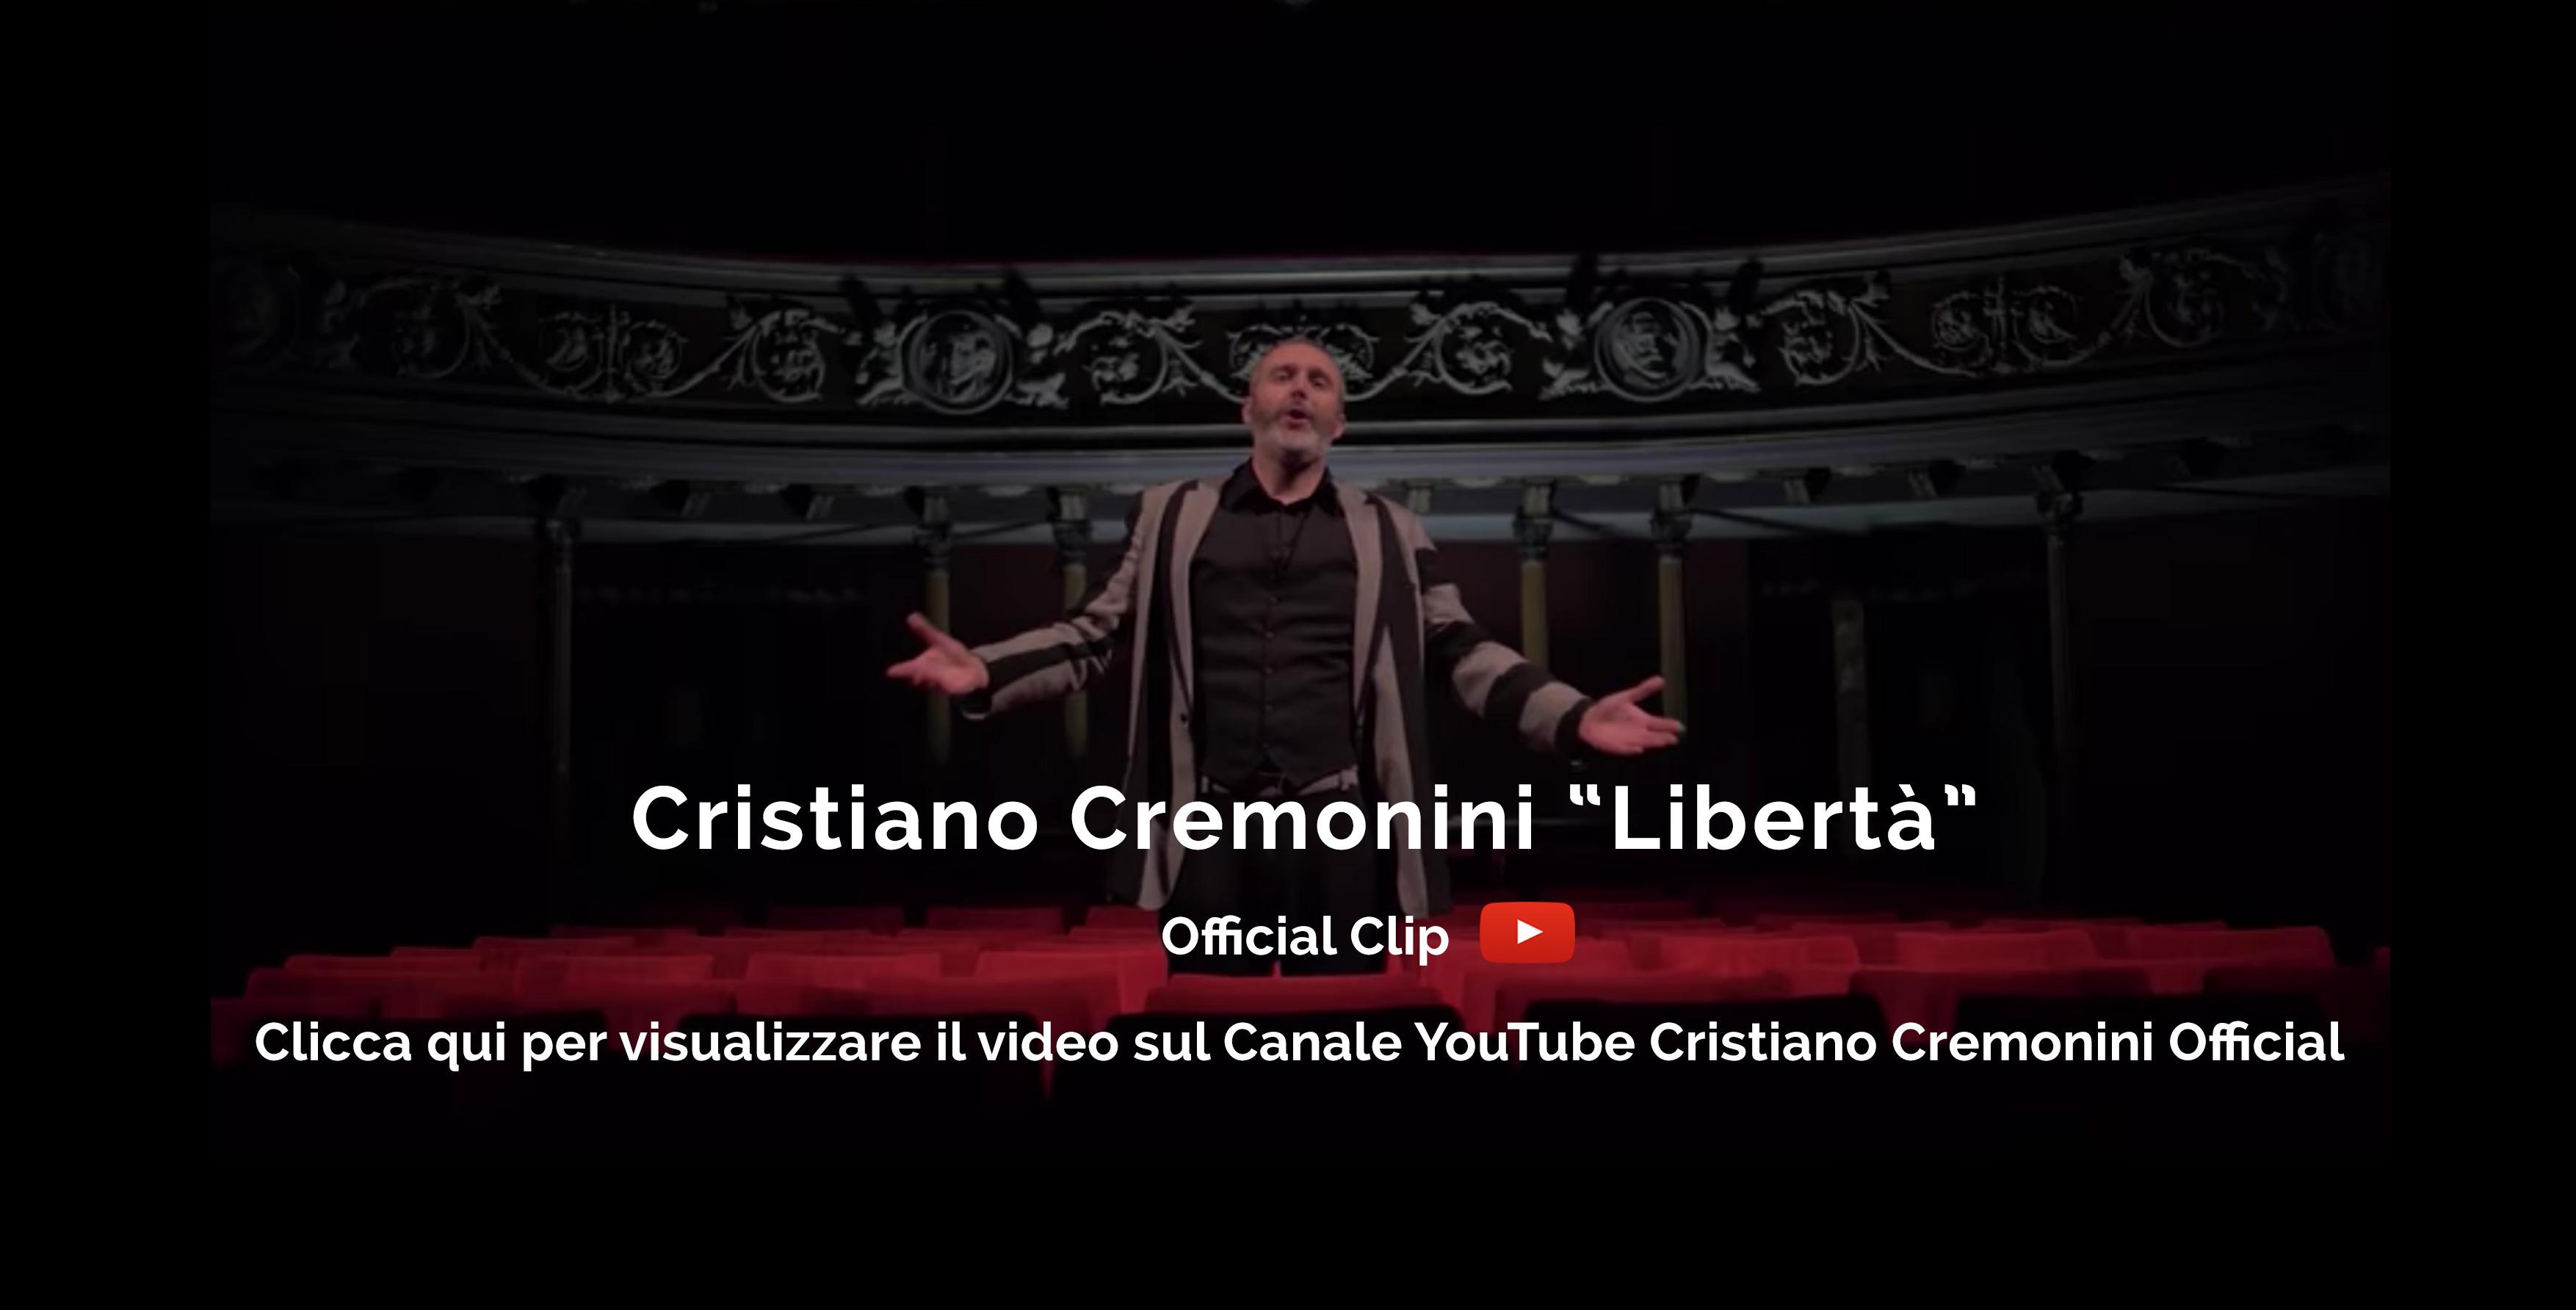 Cremonini_videoclip_Libertà_2017_slide_4